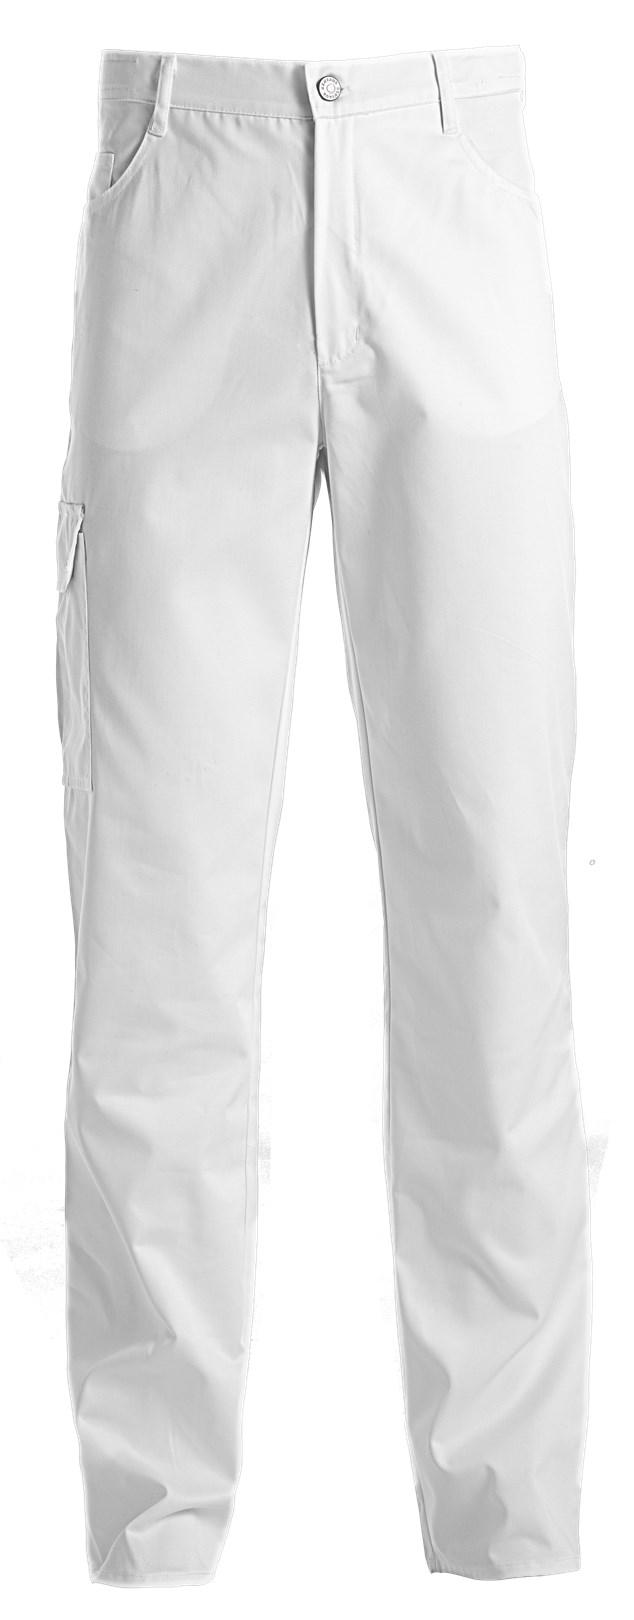 unisex broek jeans wit met zak op dijbeen